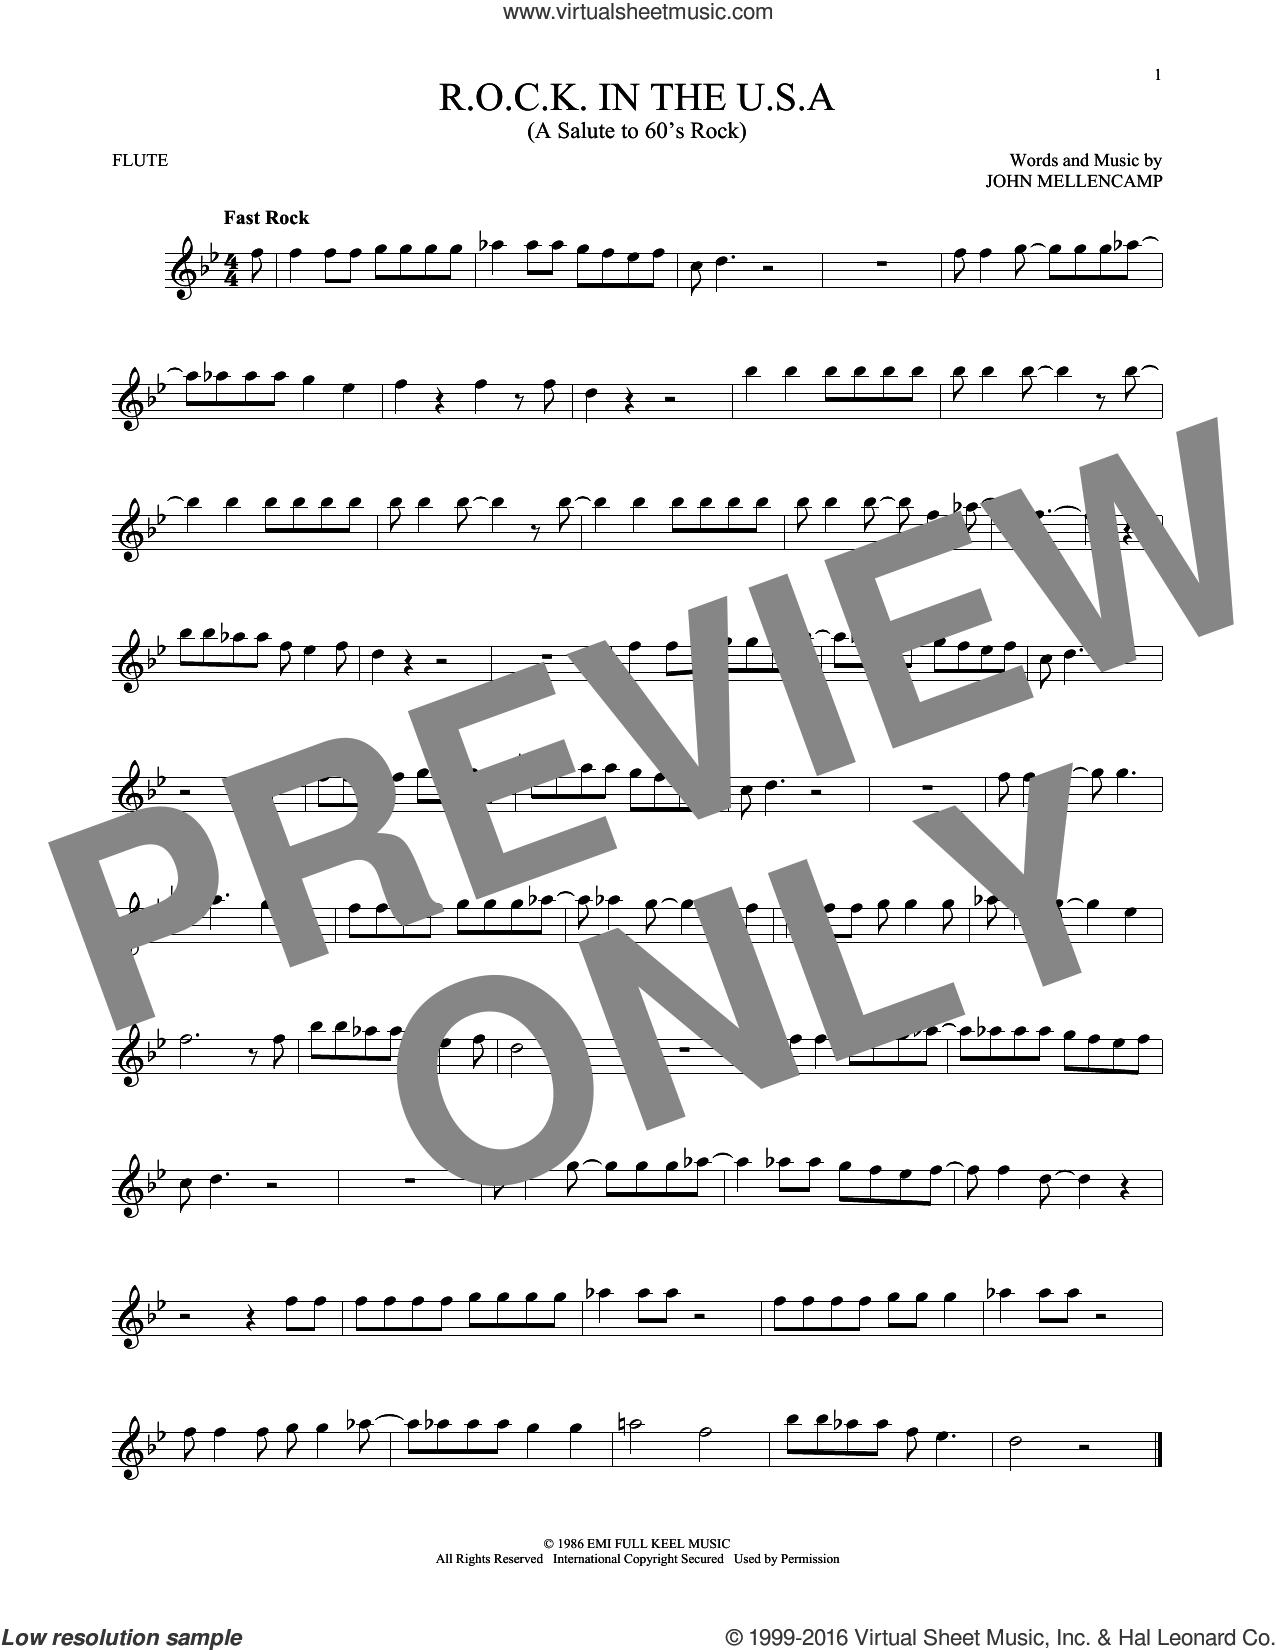 R.O.C.K. In The U.S.A. (A Salute To 60's Rock) sheet music for flute solo by John Mellencamp, intermediate skill level